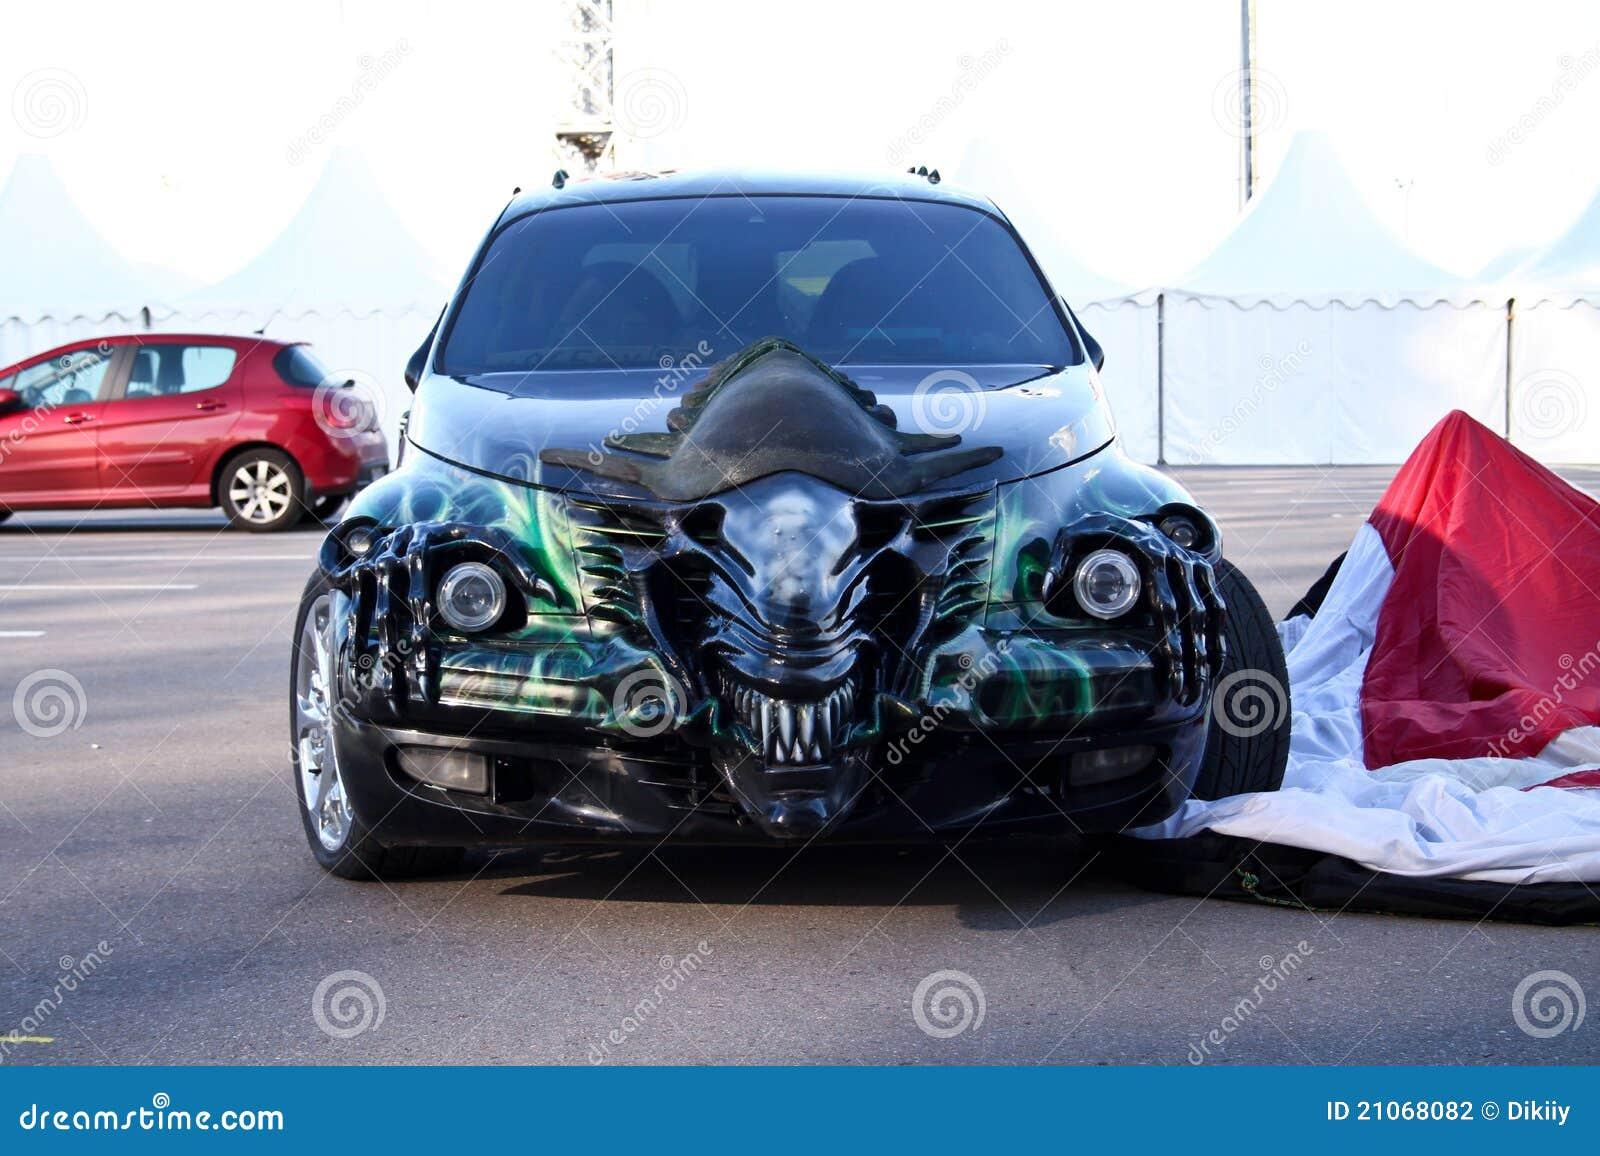 тюнинг форд фьюжн своими руками #11